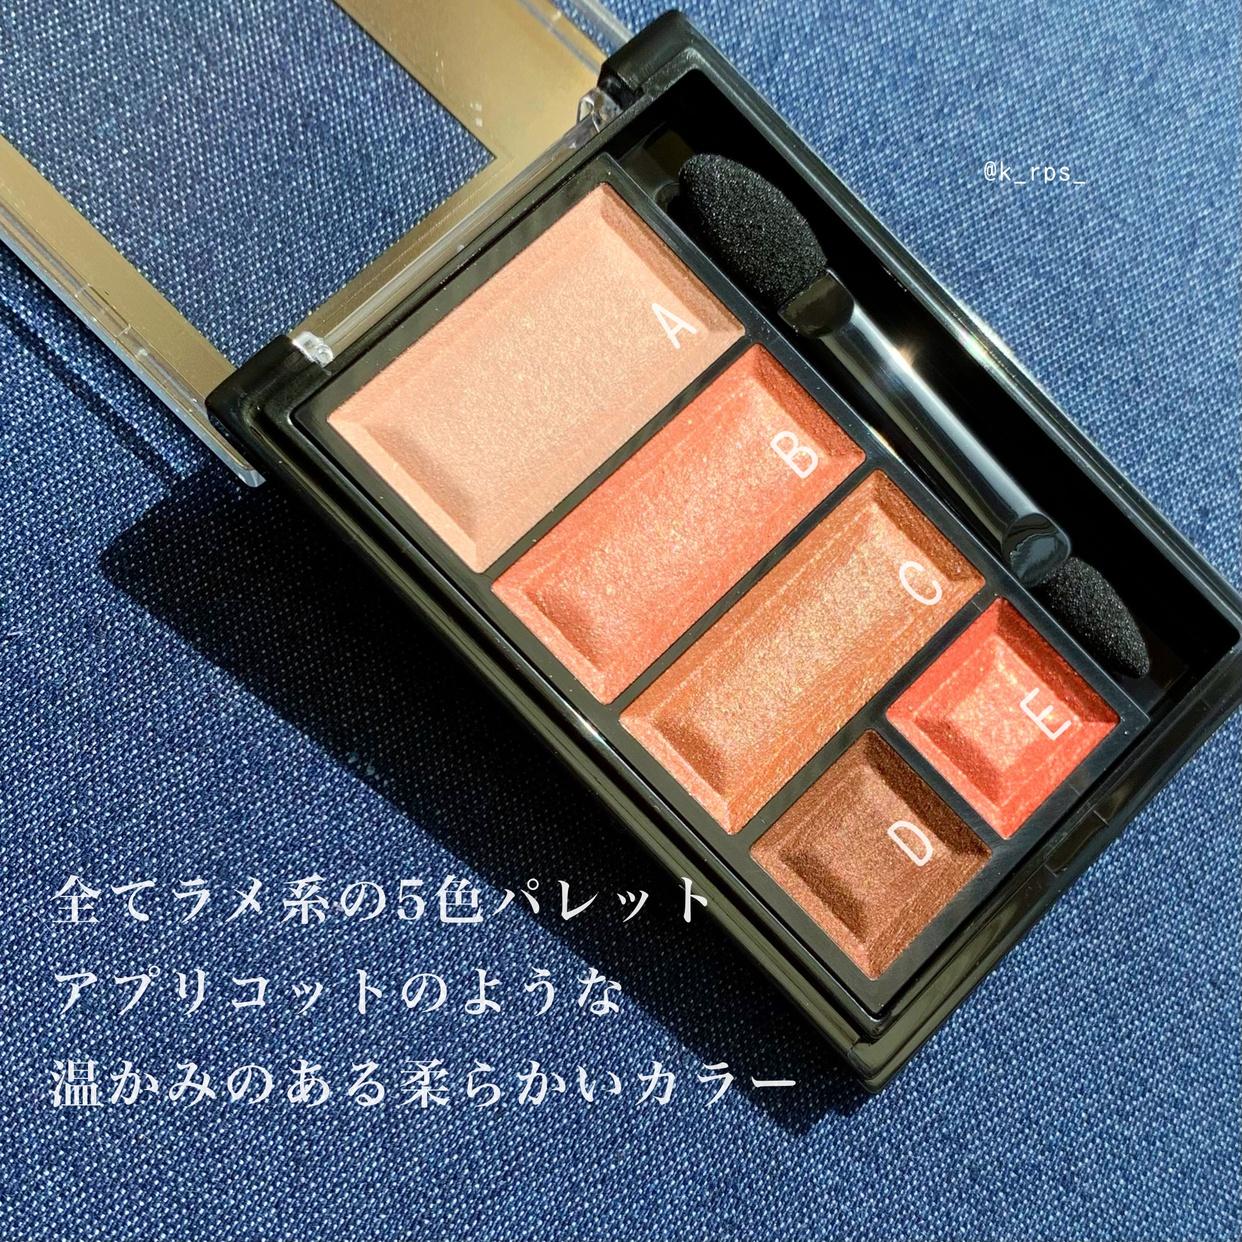 RIMMEL(リンメル) ショコラスウィート アイズを使ったKeiさんのクチコミ画像3